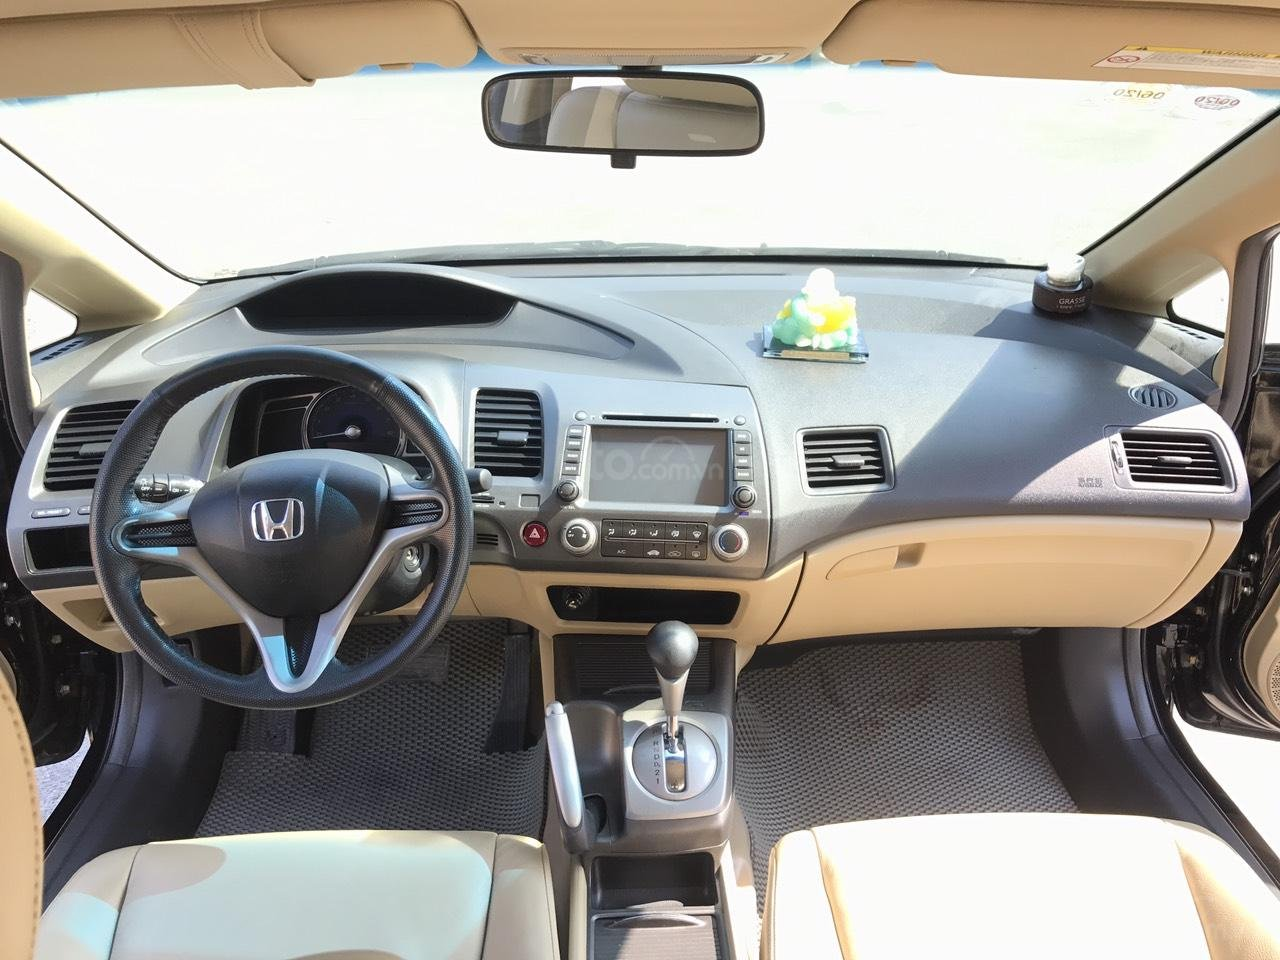 Bán xe Honda Civic 1.8 VTI AT năm sản xuất 2011, màu đen, lỗi biếu xe, mới thật (5)